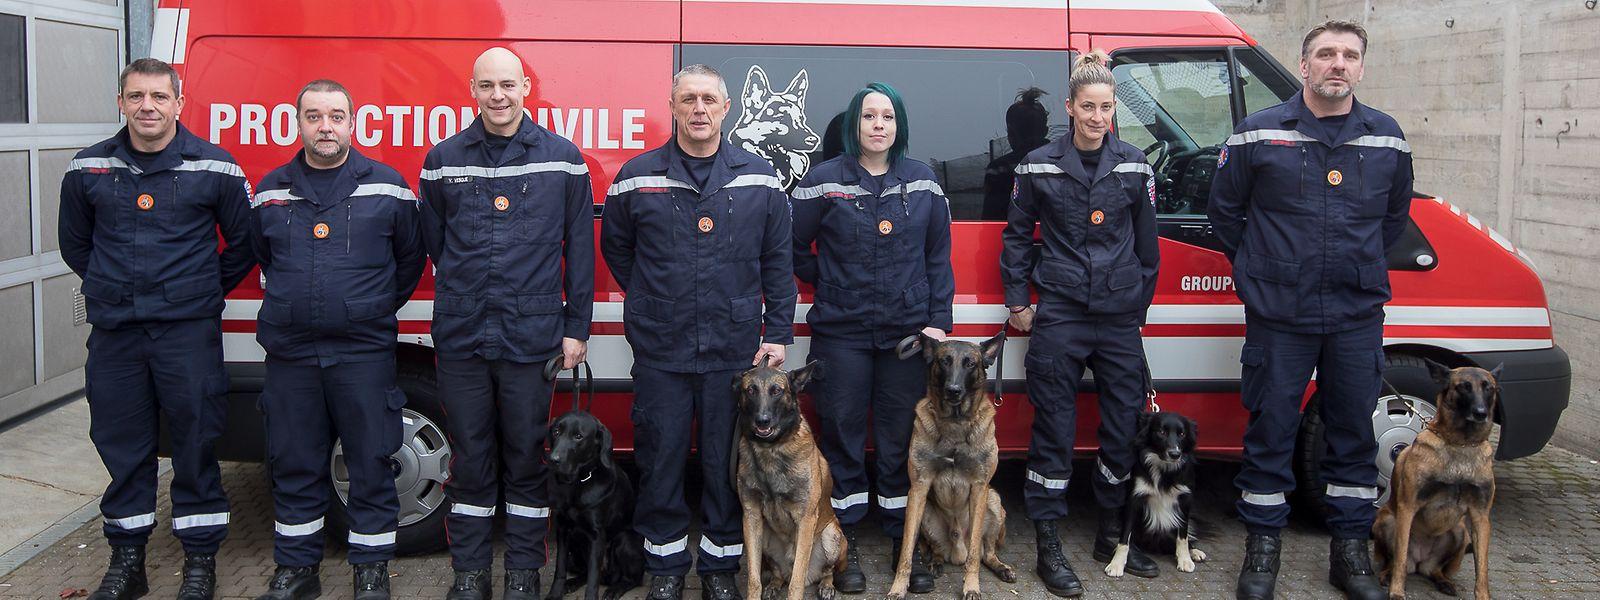 Ein Teil des Teams der Hundestaffel, damals noch unter der Flagge der Protection civile.